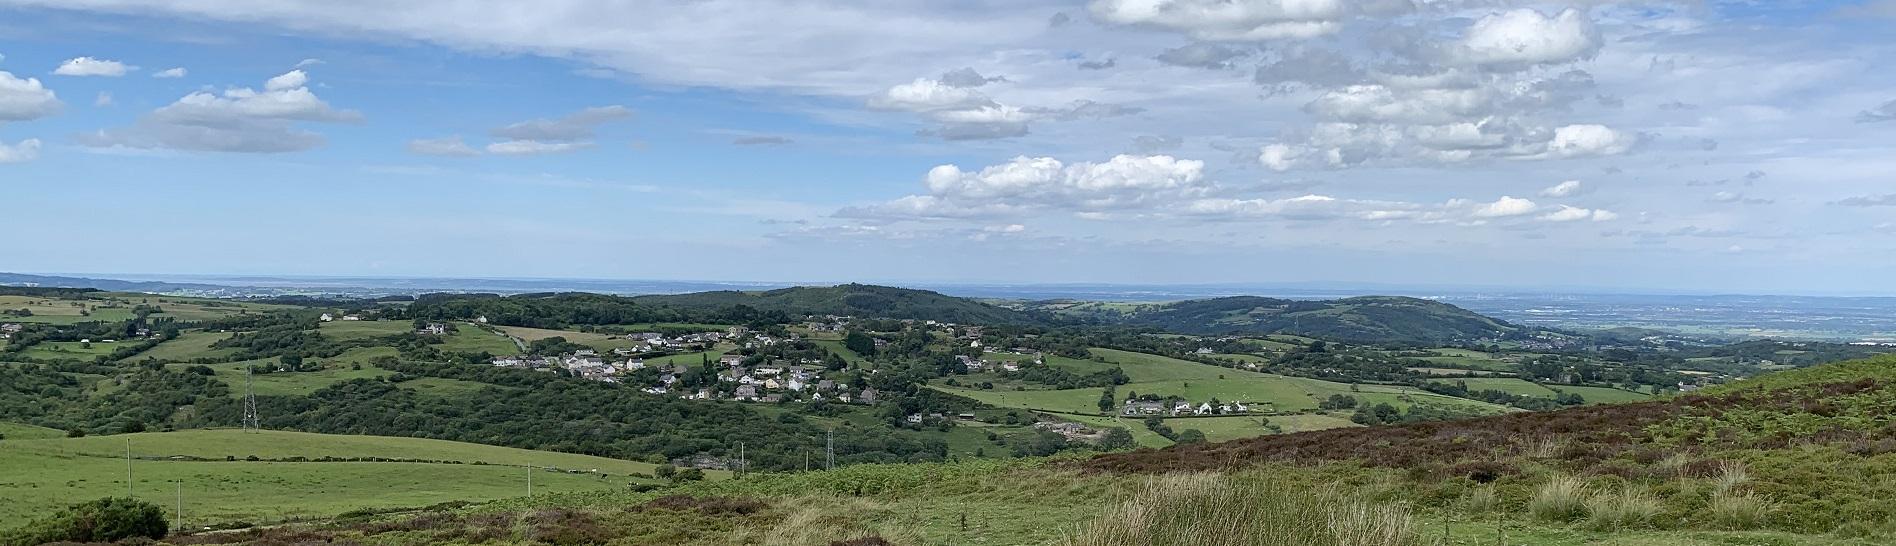 View of Gwynfryn